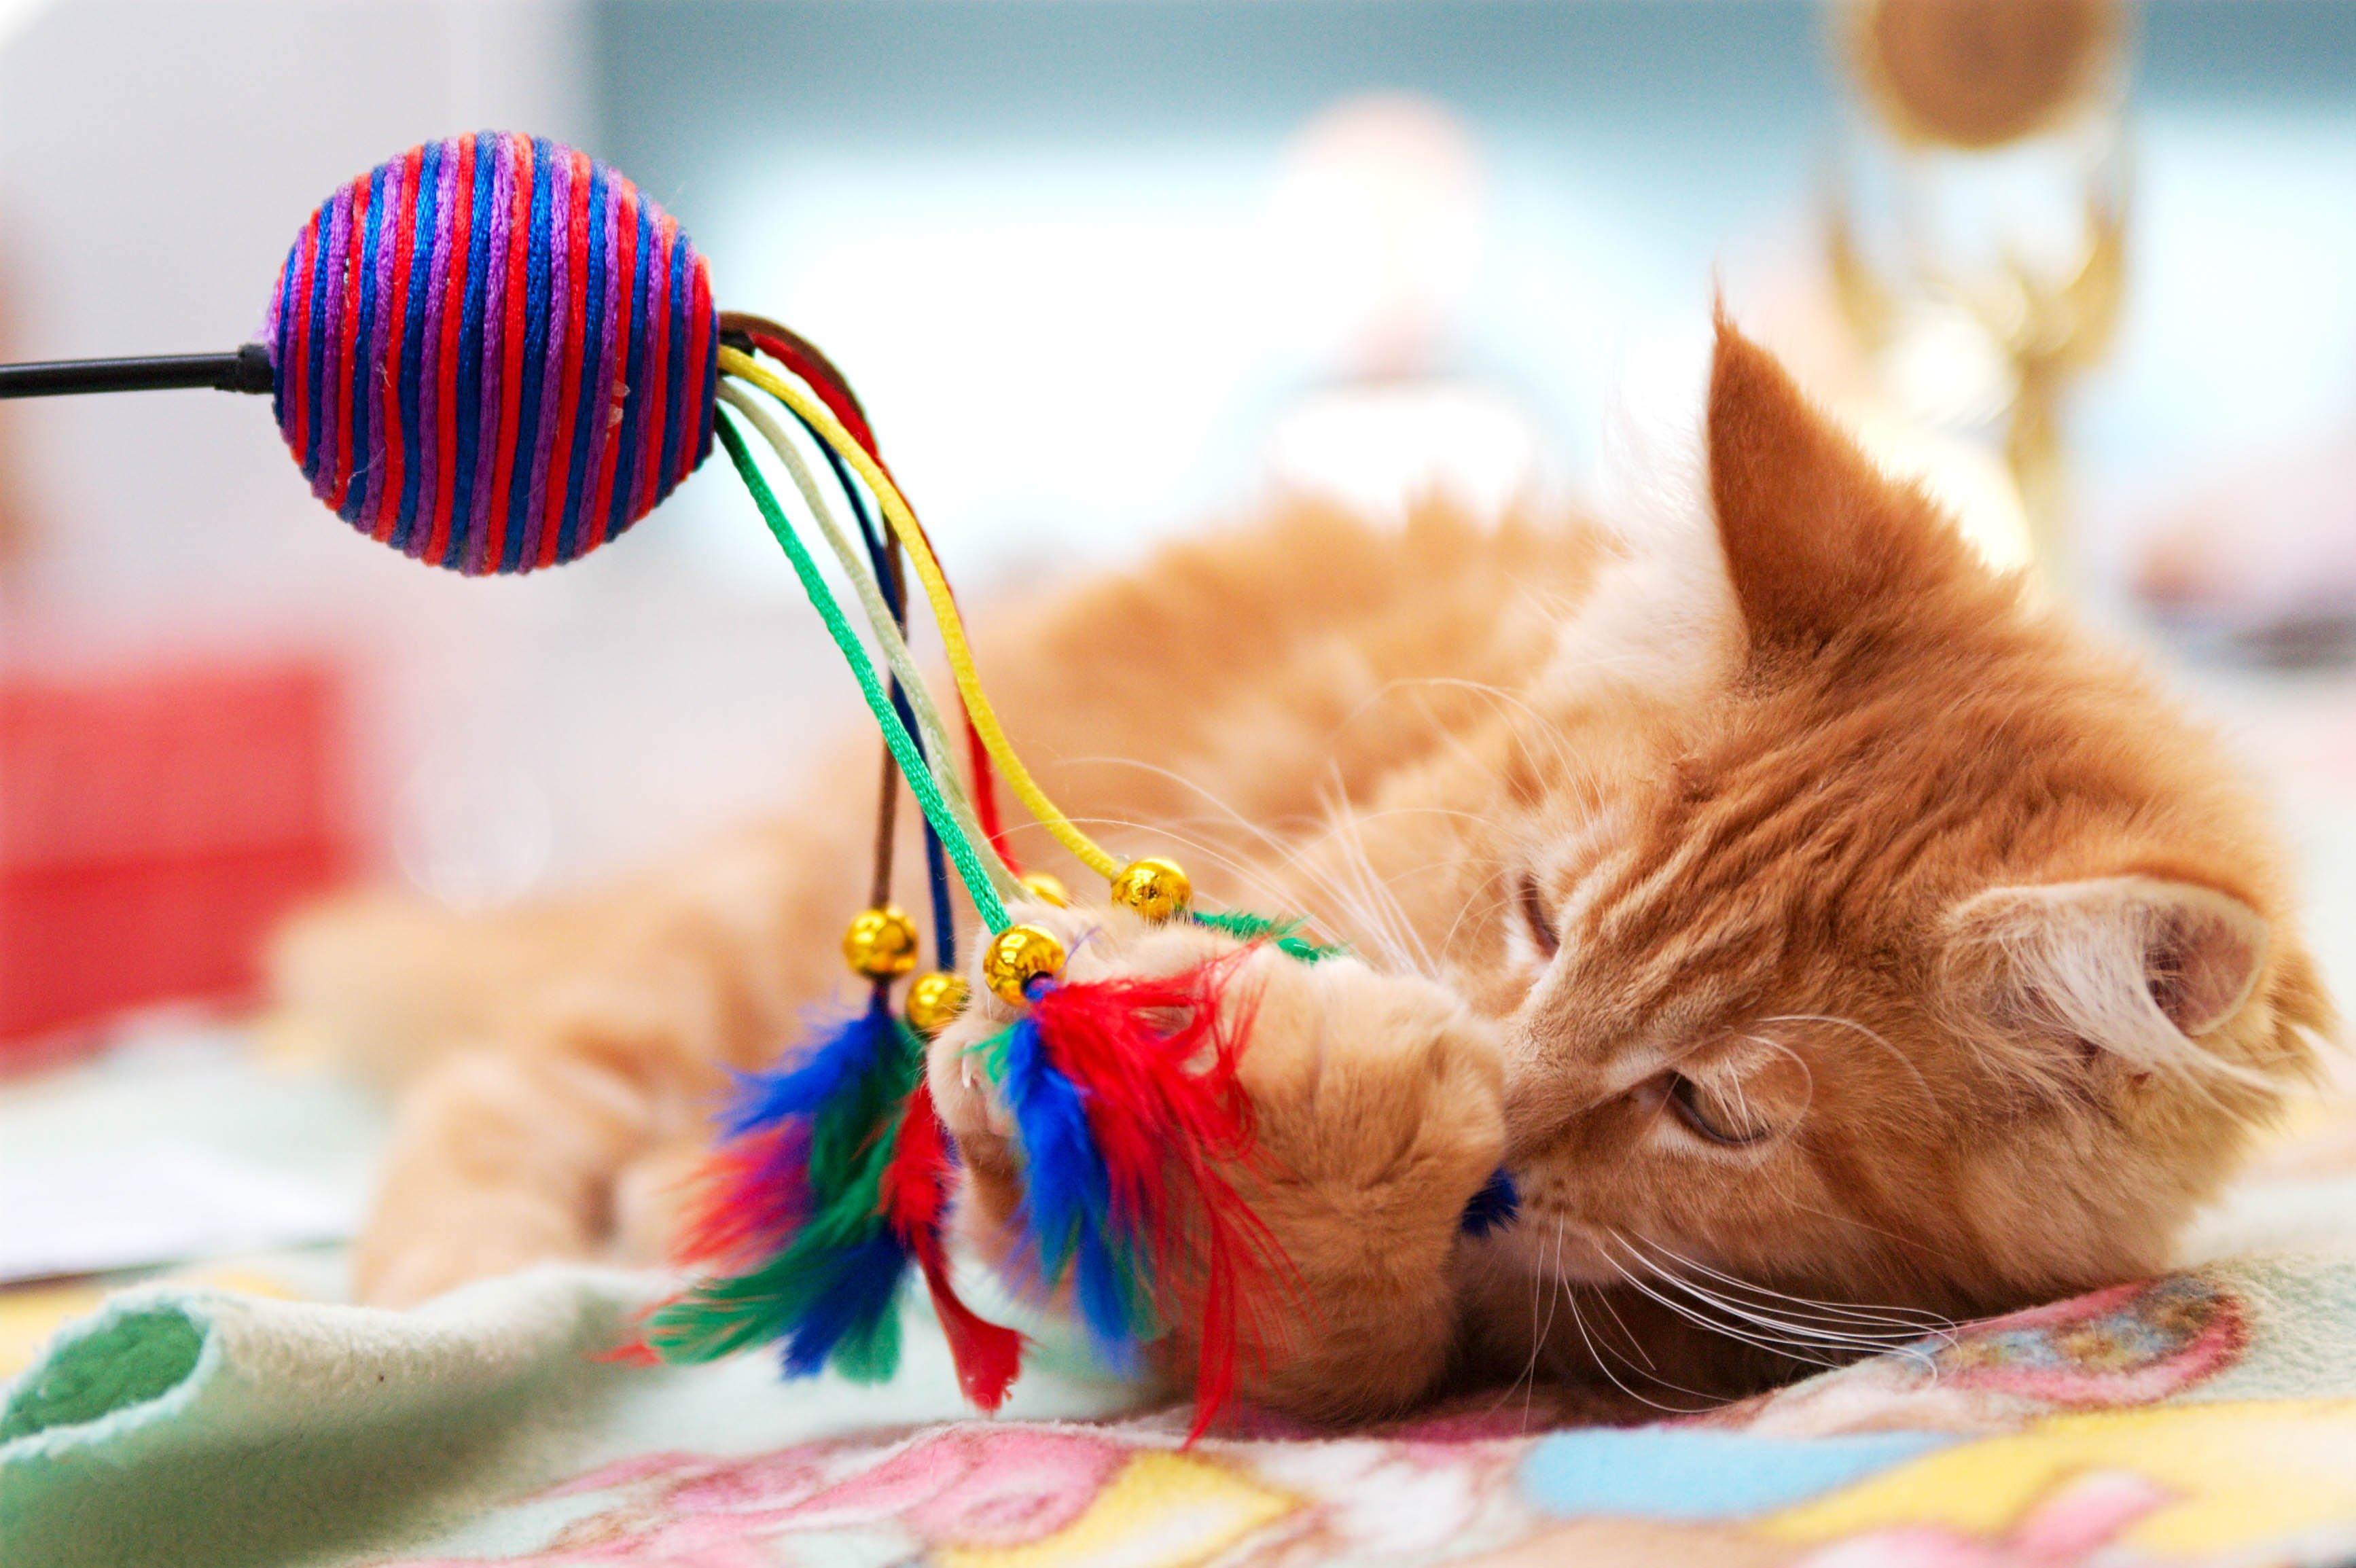 Spielzeug gehört zur Grundausstattung für Katzen-Babys